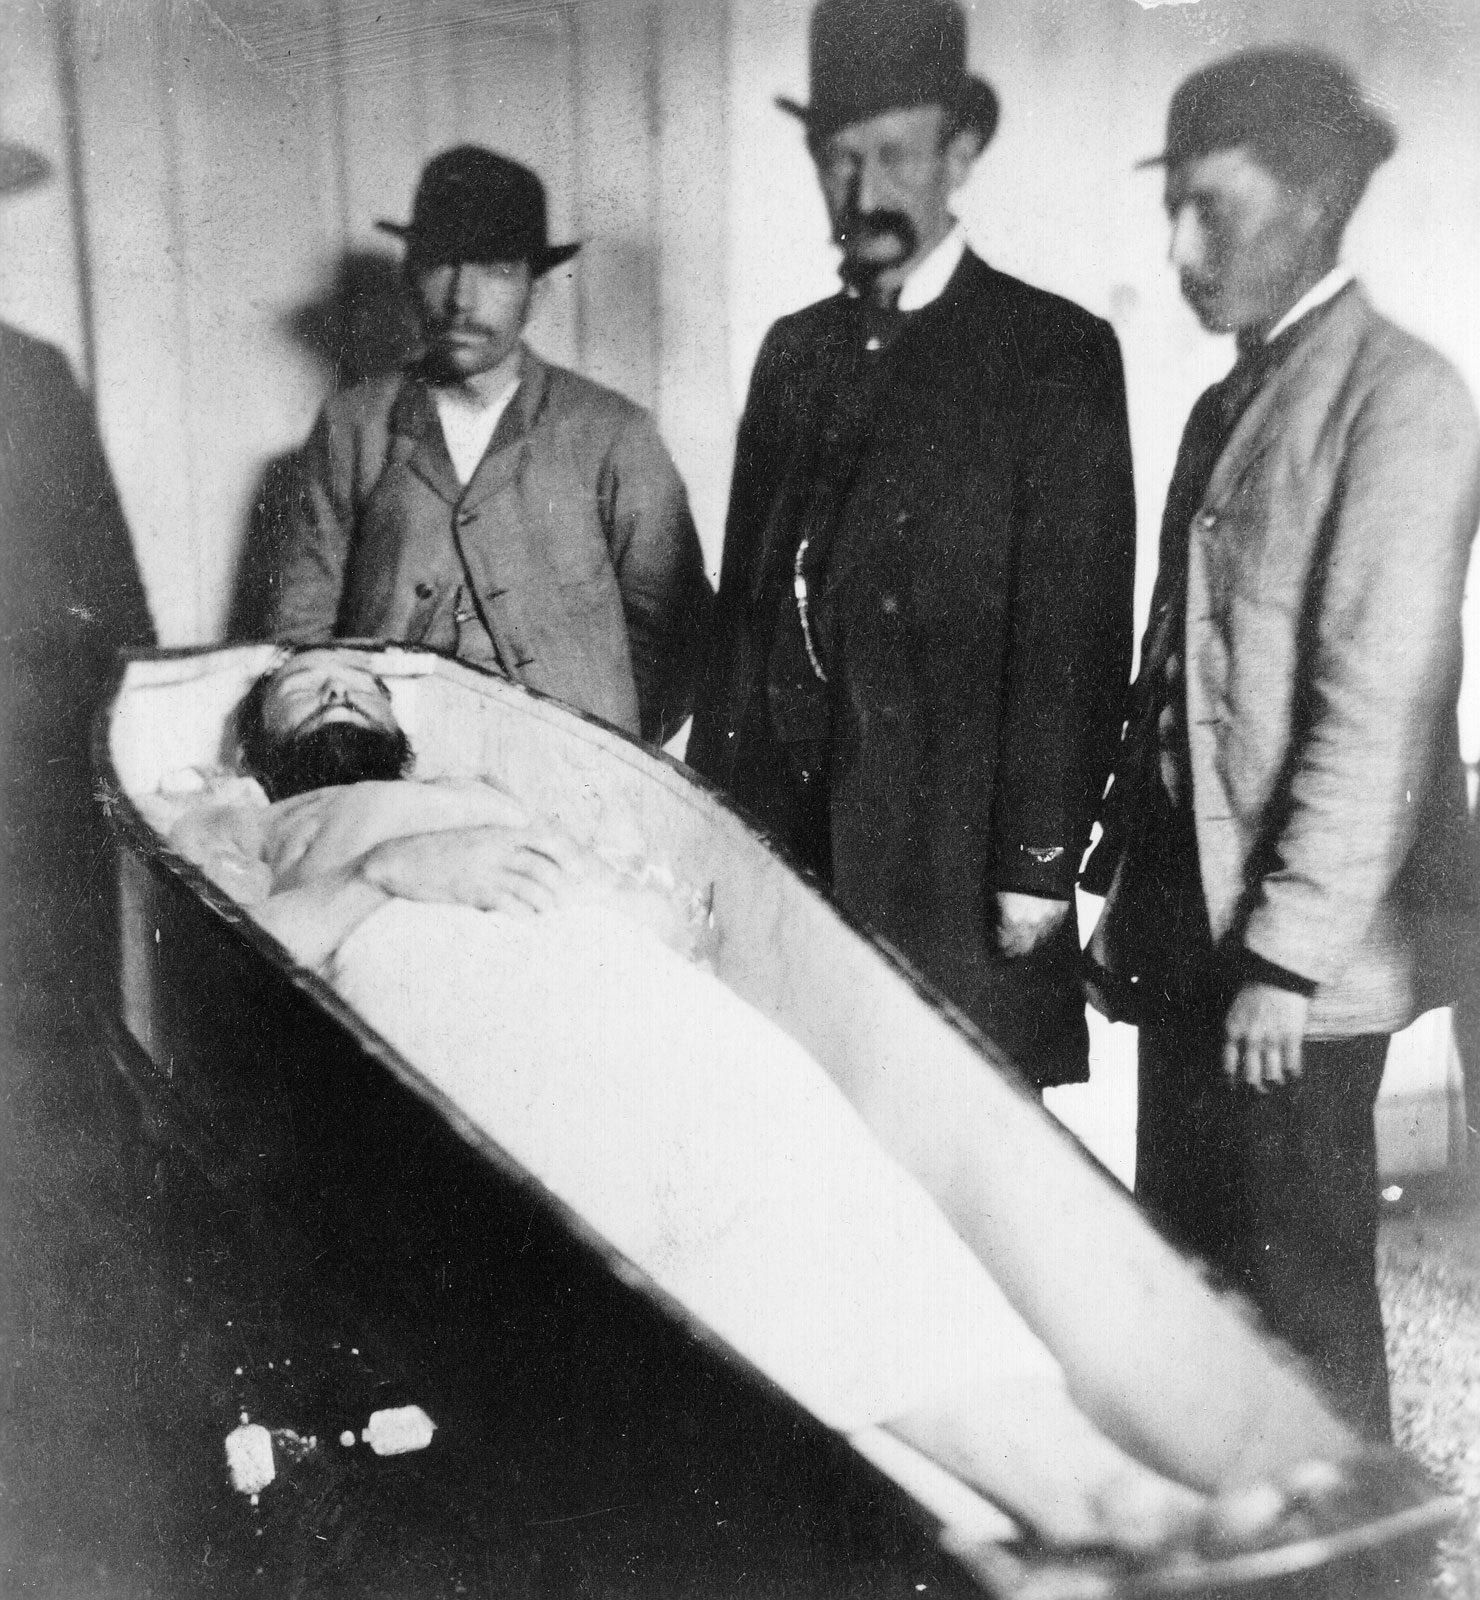 Il corpo privo di vita di Jesse James in una foto dell'epoca